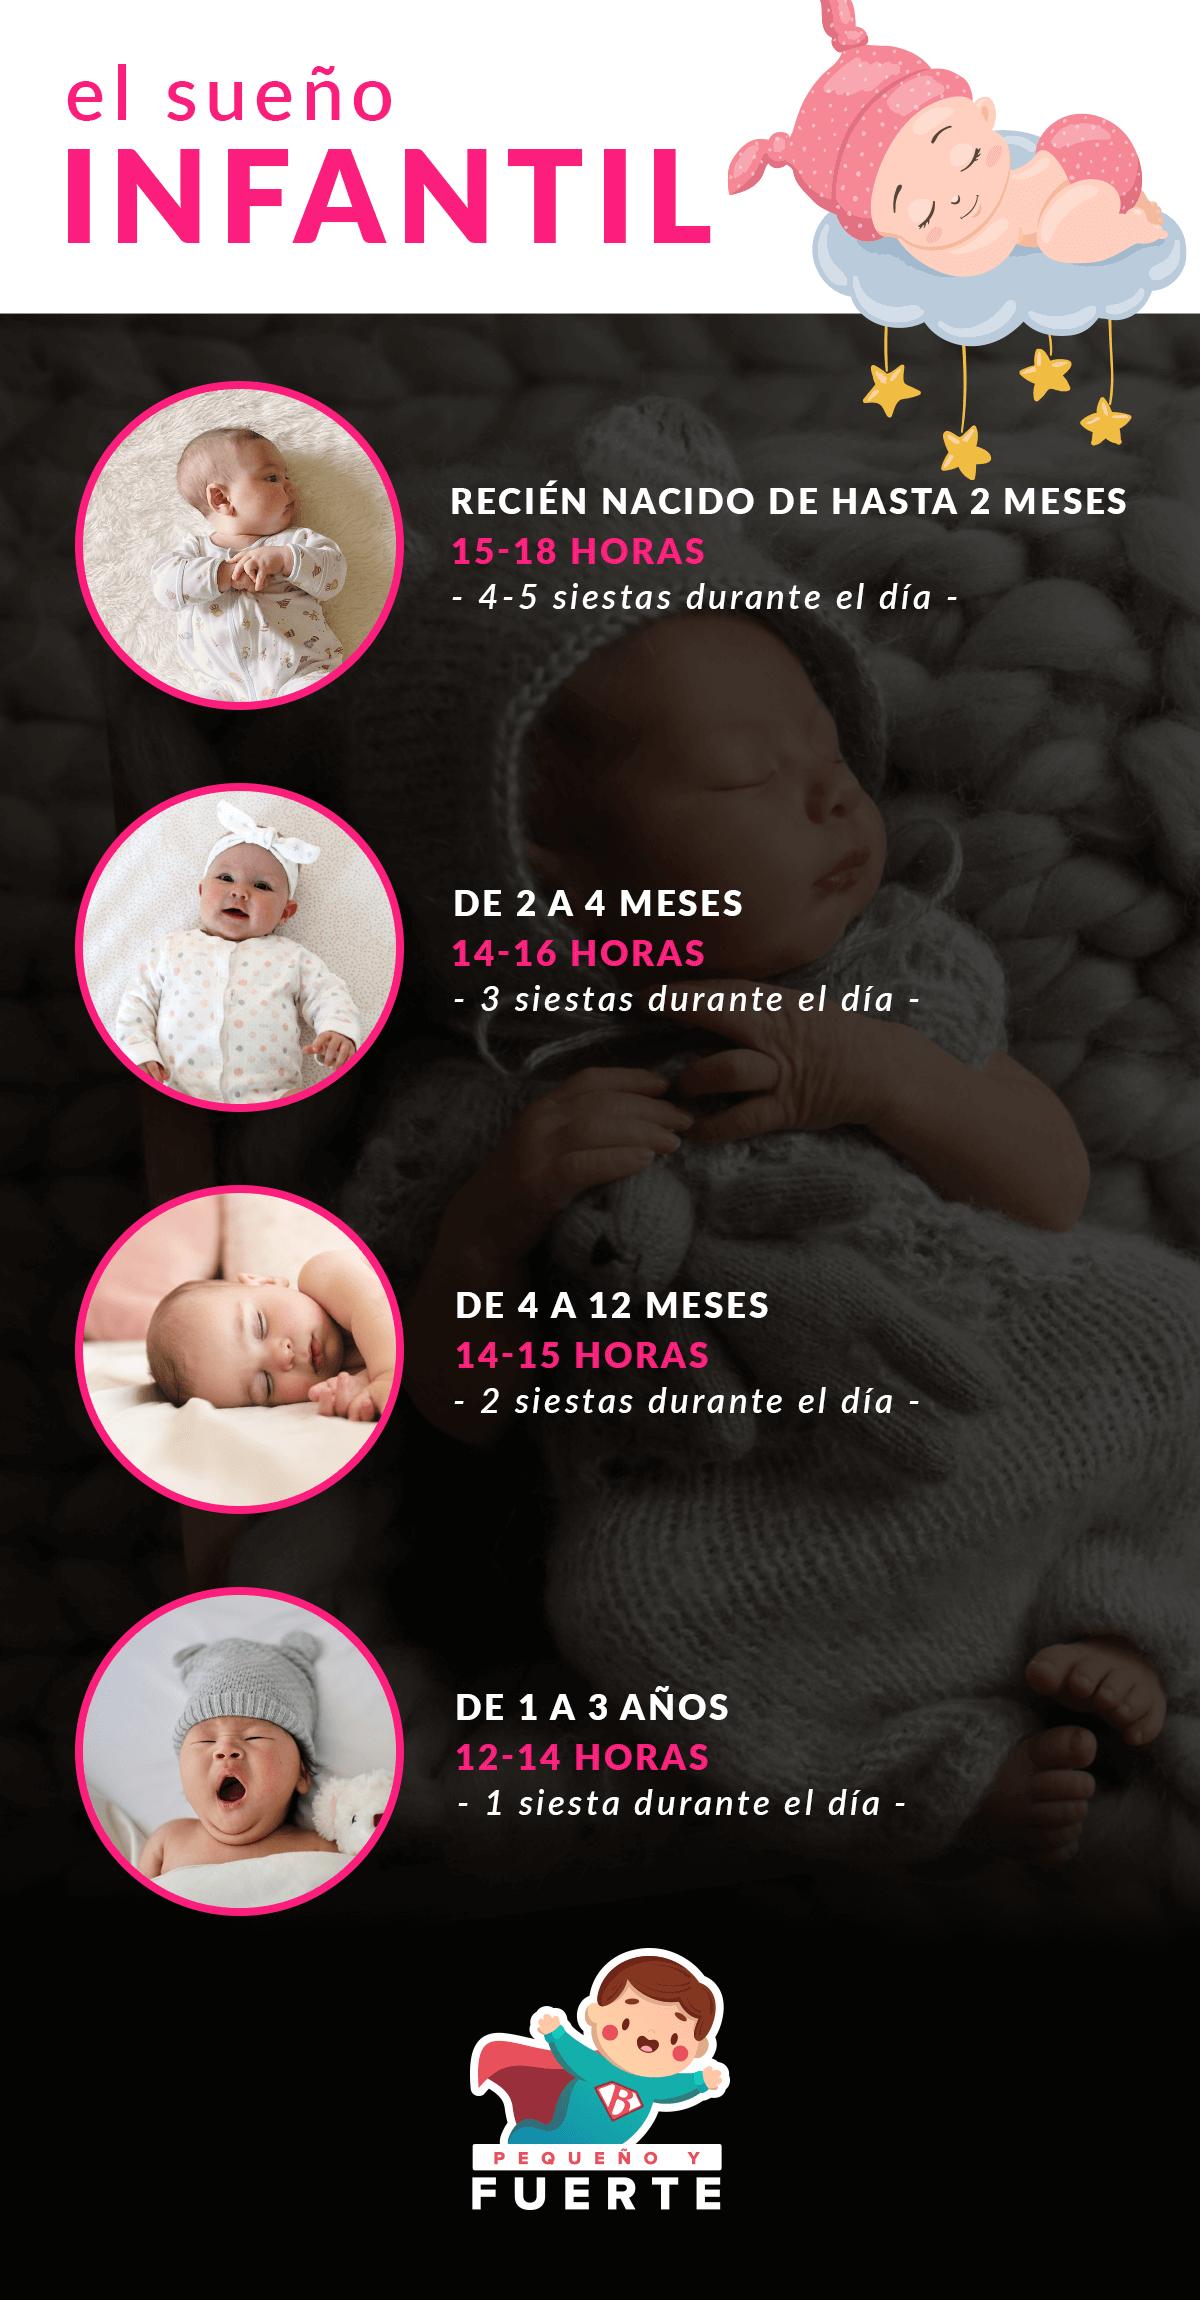 ¿Cuánto debería dormir un bebé? - PequeñoyFuerte.es